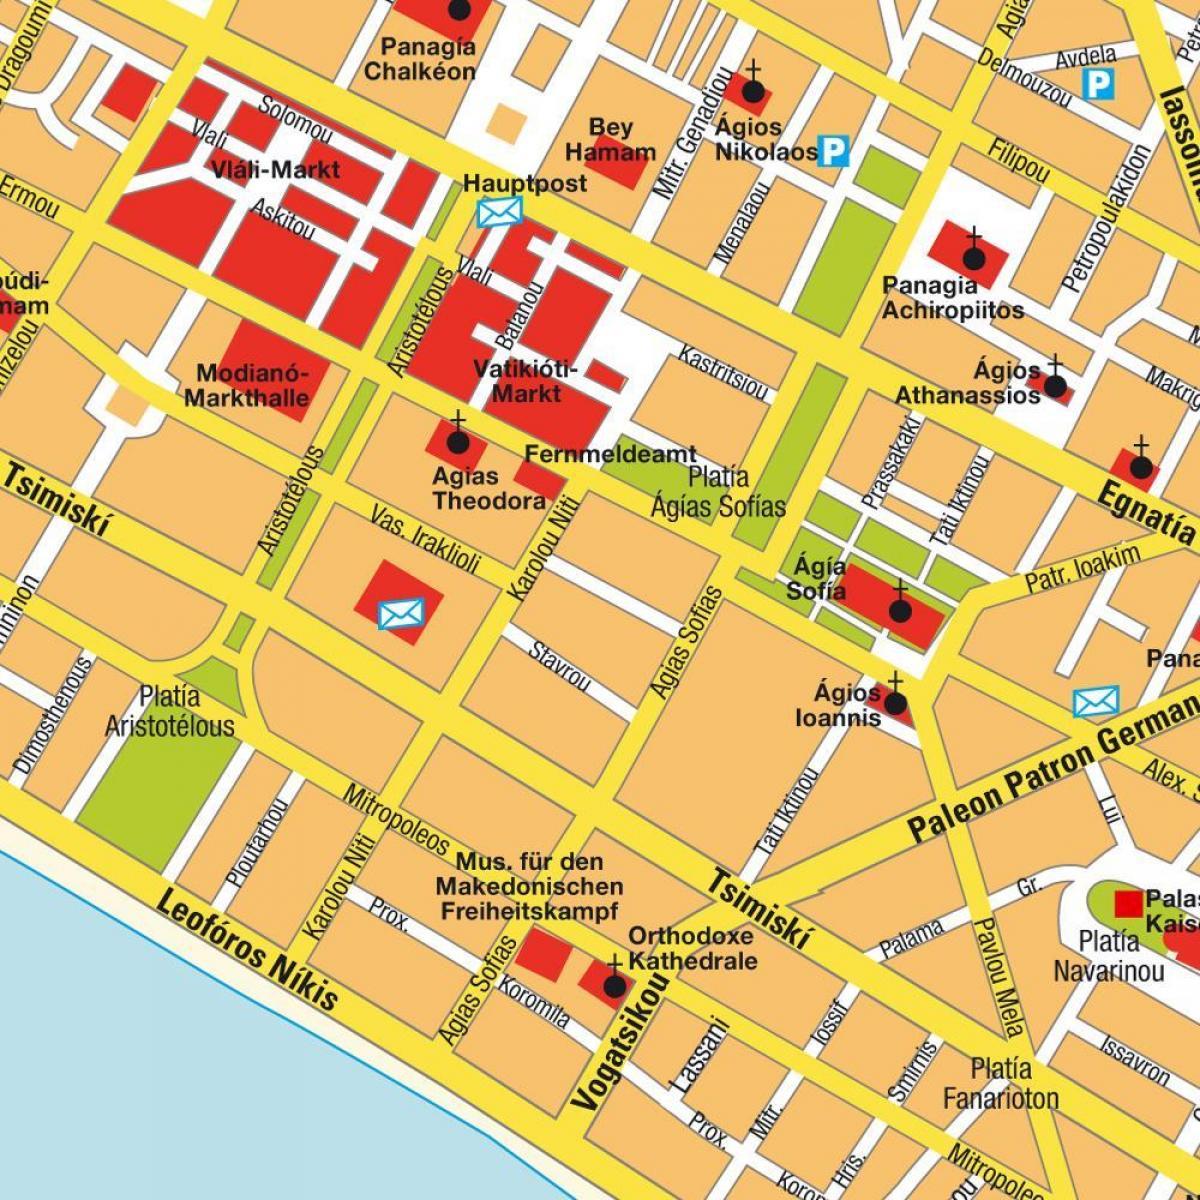 Thessaloniki Karte.Griechenland Thessaloniki Karte Karte Von Griechenland Mit Sitz In